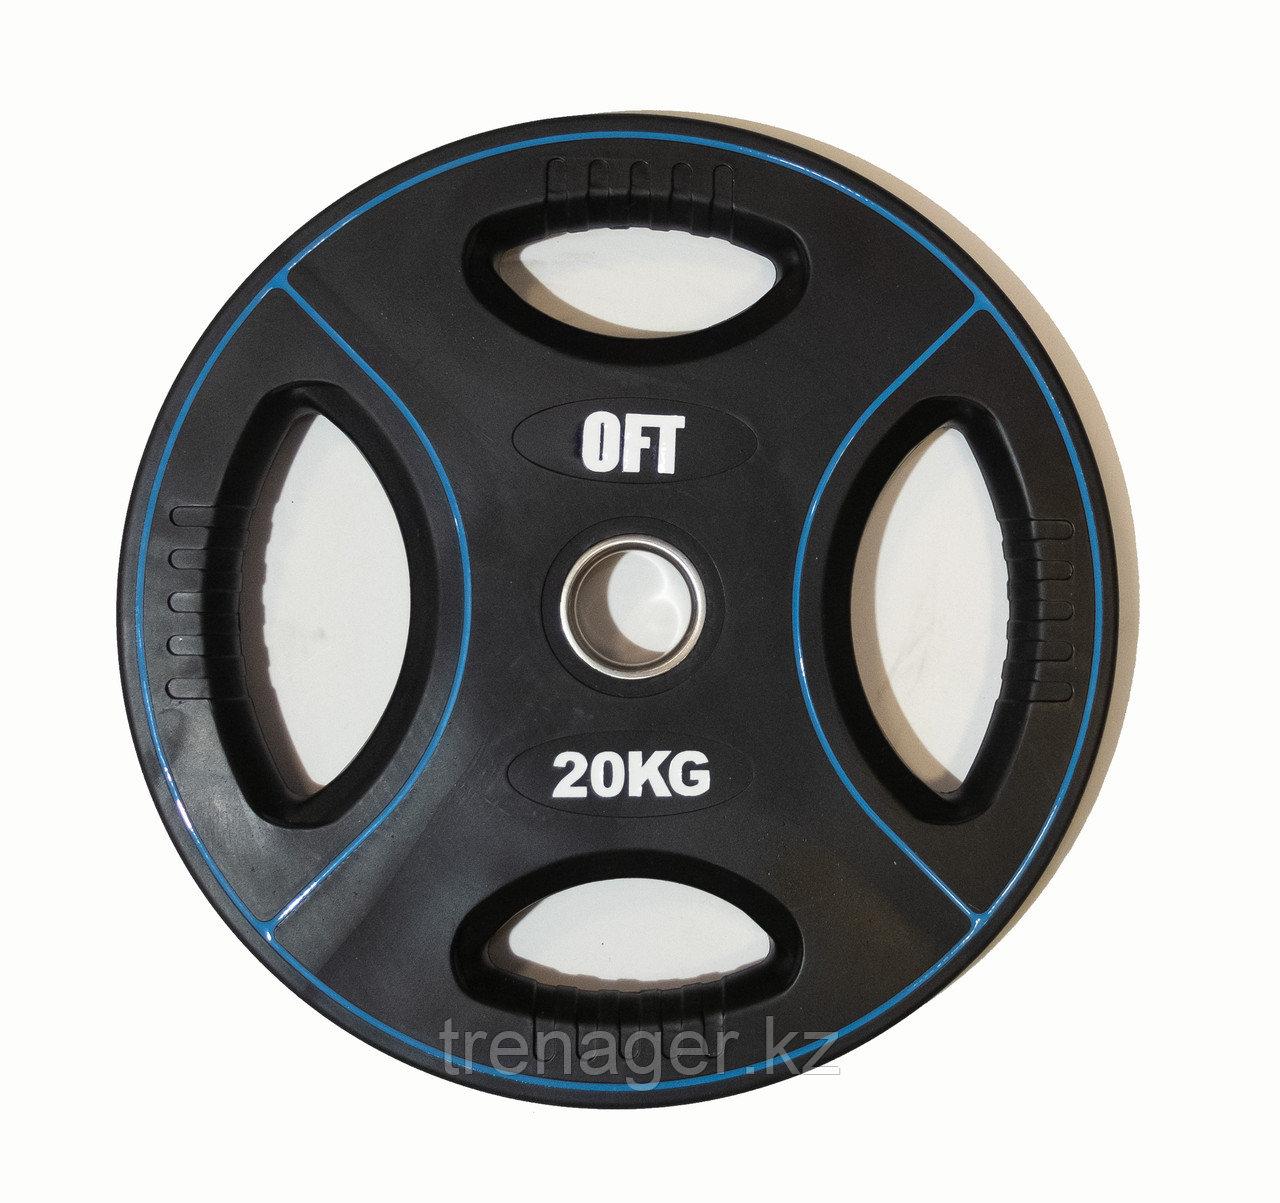 Диск для штанги олимпийский полиуретановый 20 кг